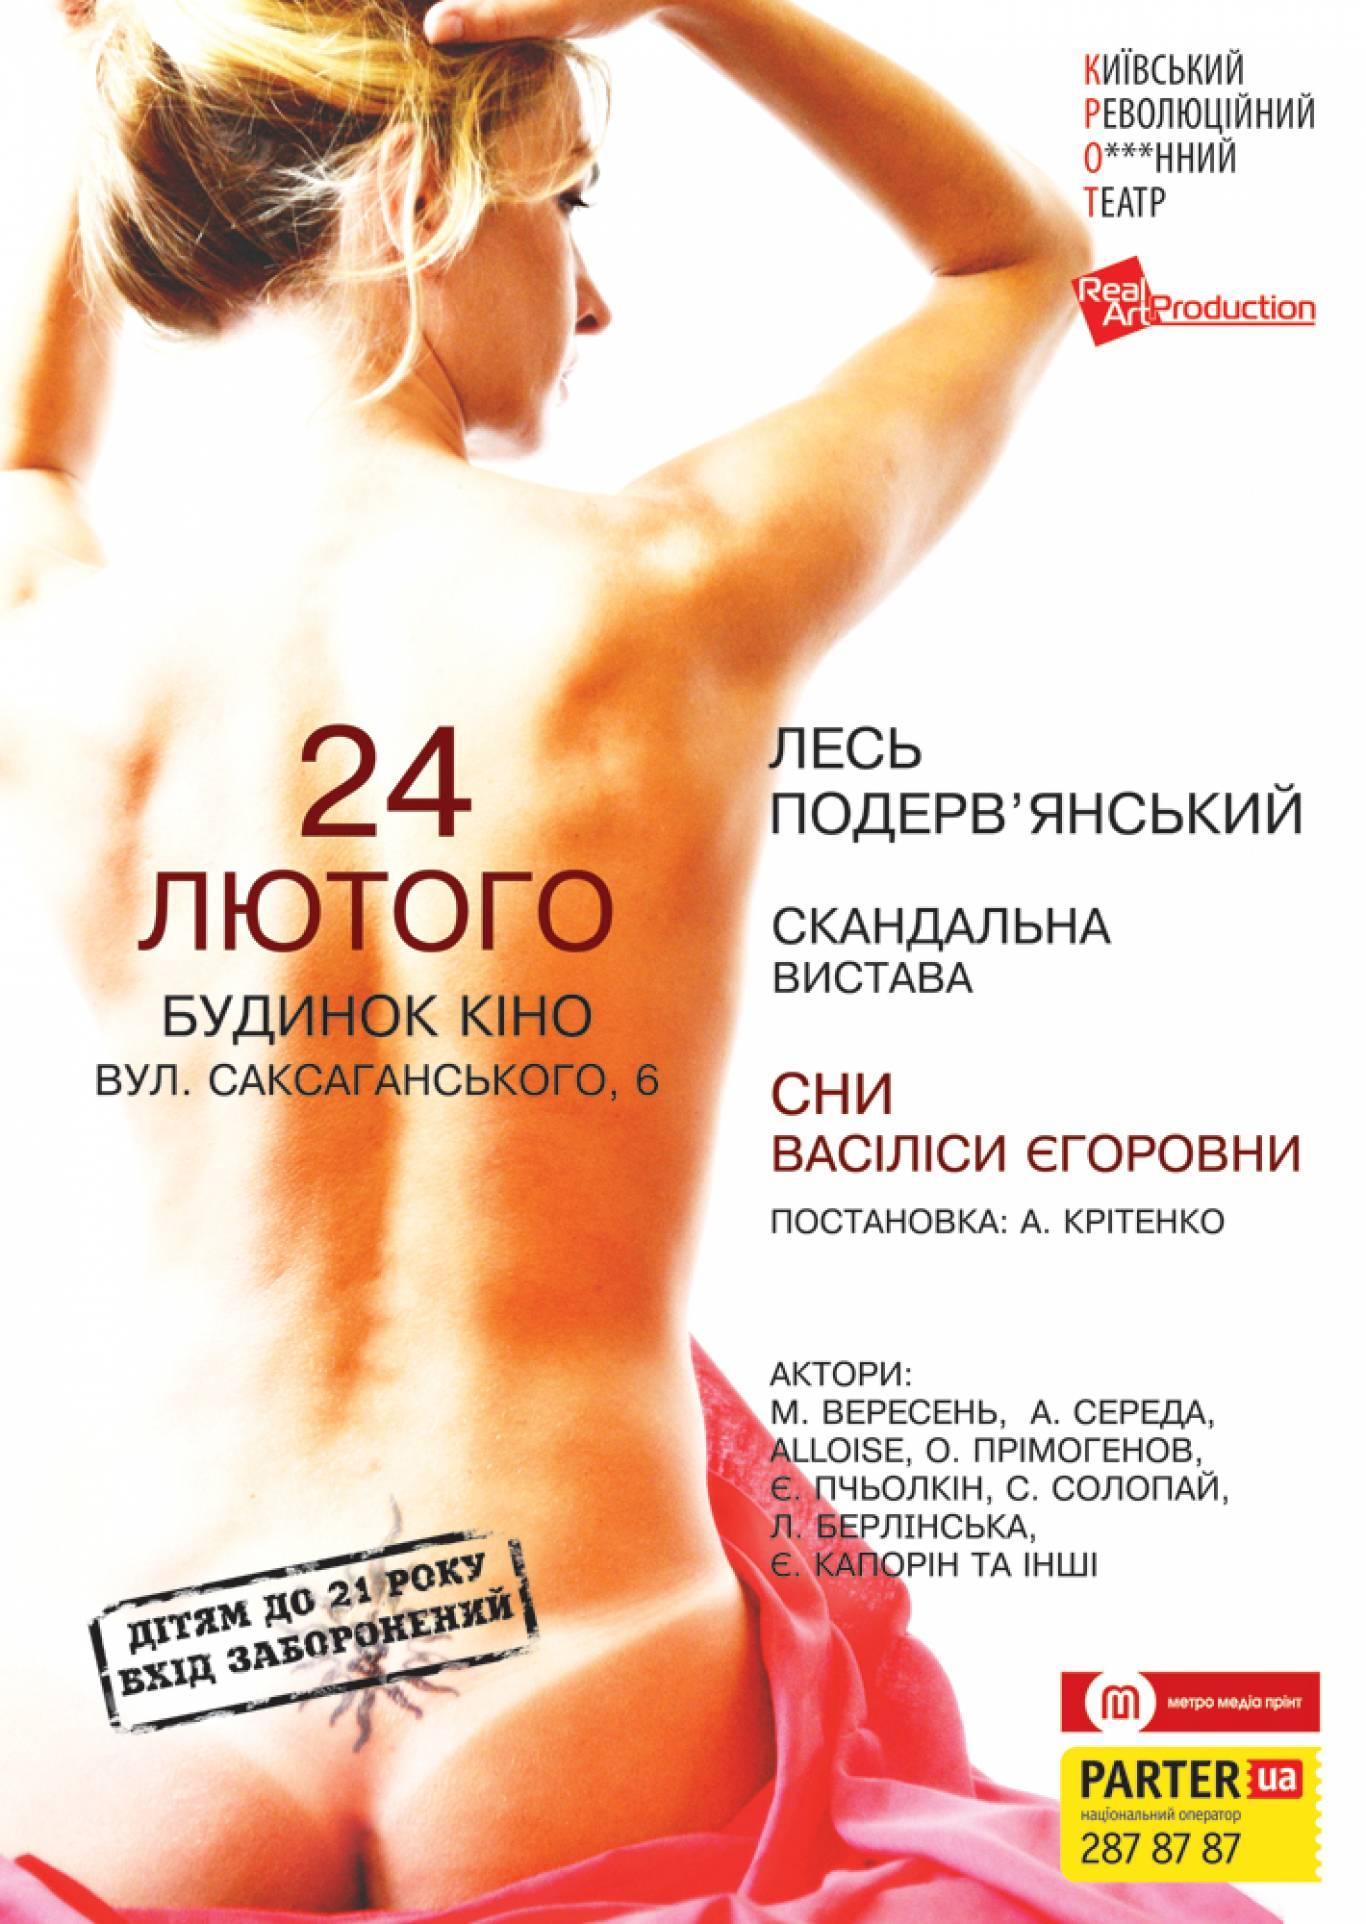 Вистава «Сни Васіліси Єгоровни» за п'єсами Леся Подерв'янського